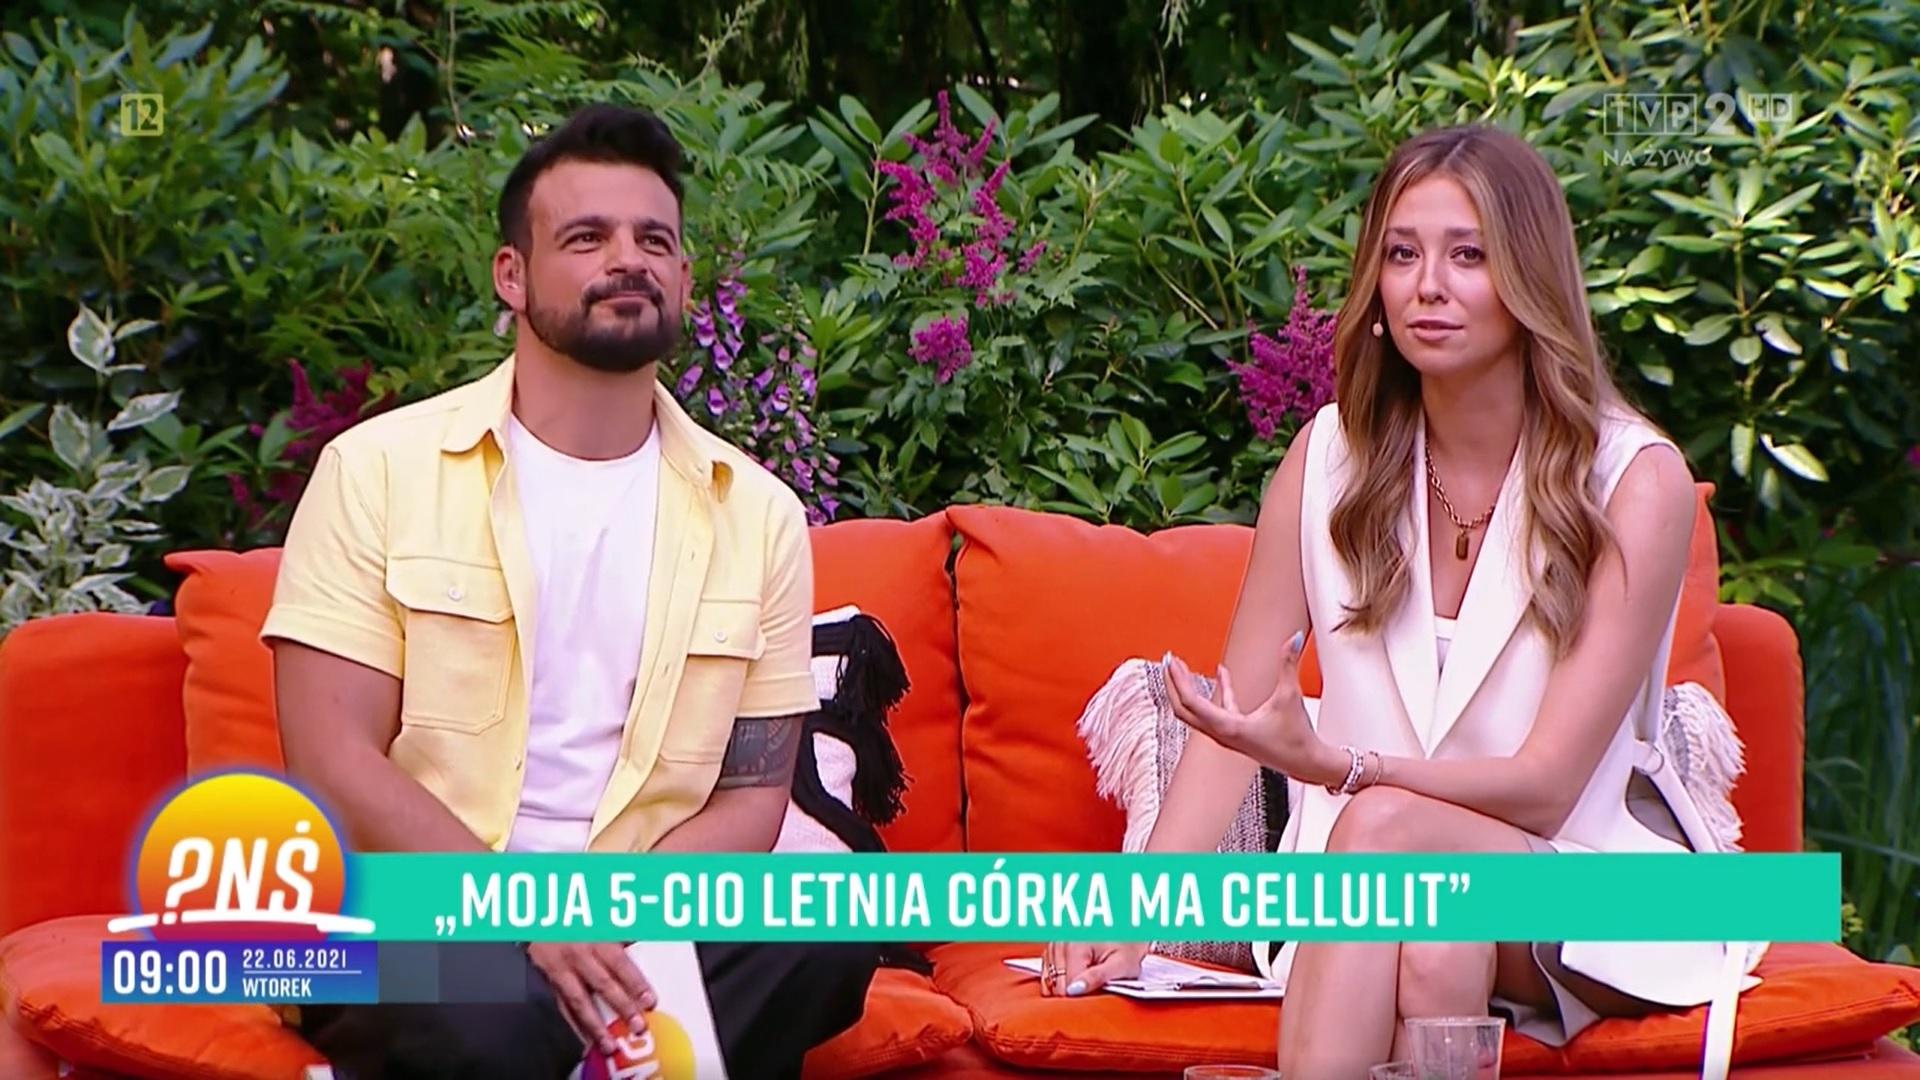 """""""Pytanie naŚniadanie"""" wTVP tropi cellulit upięciolatków"""